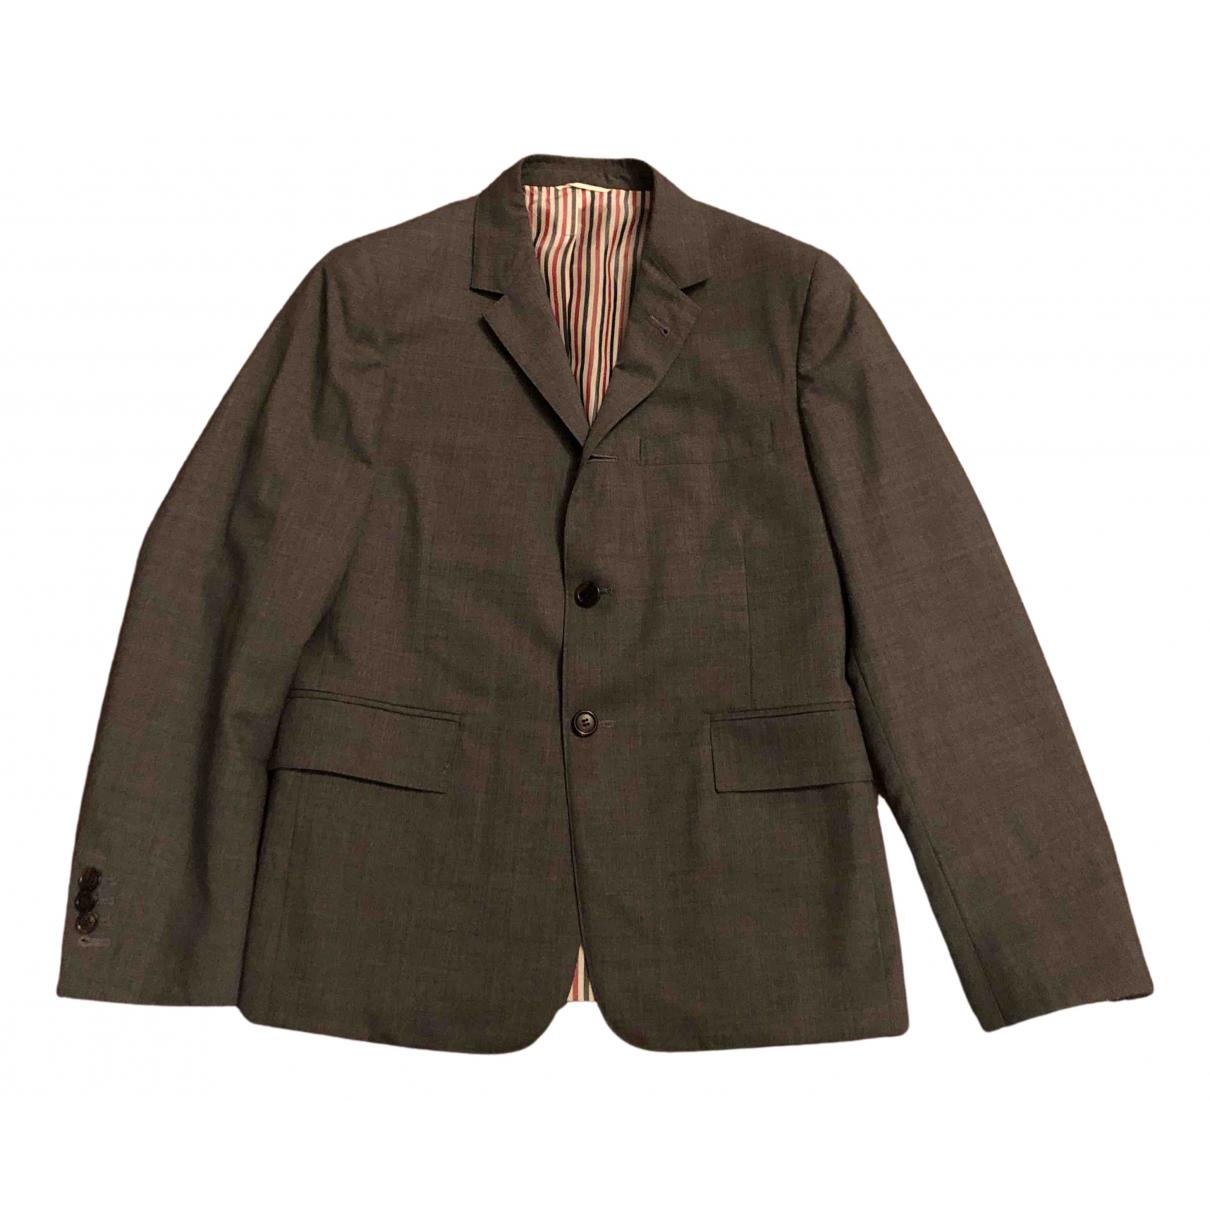 Thom Browne N Grey Wool Suits for Men 1 0 - 6